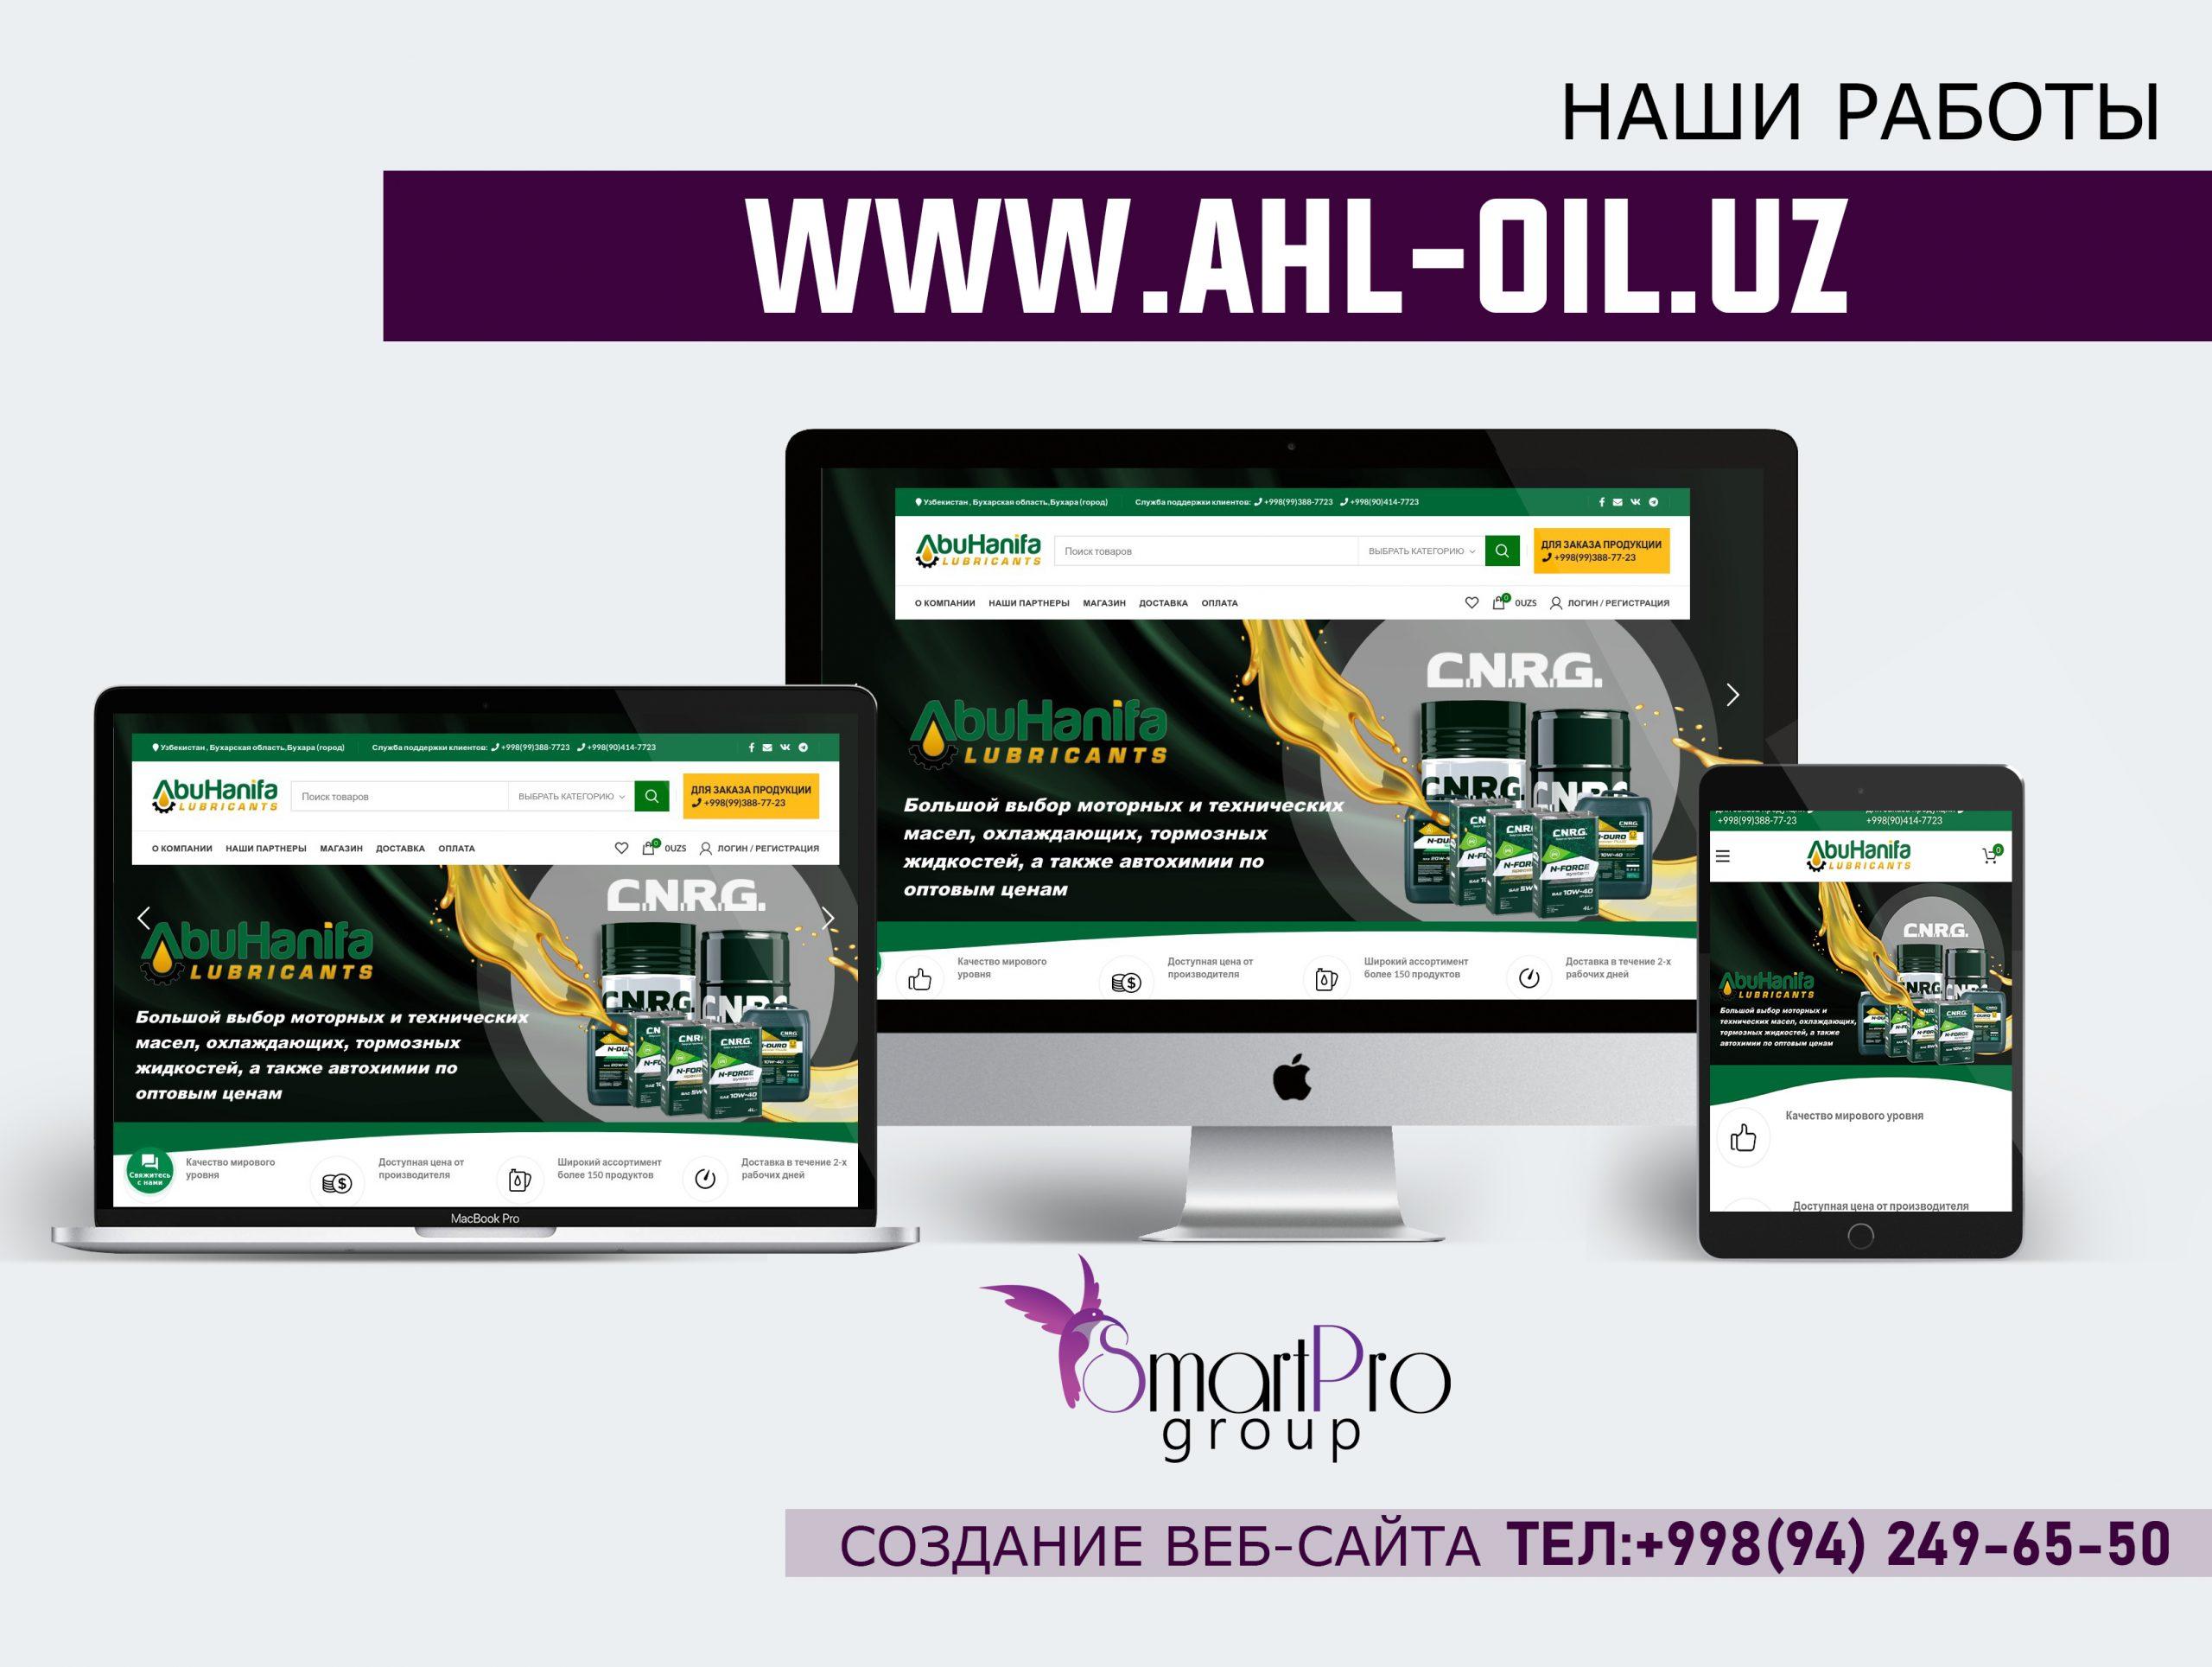 Создание интернет-магазина ООО Abu Hanifa Lubricants   Оптовая продажа премиальных смазочных материалов